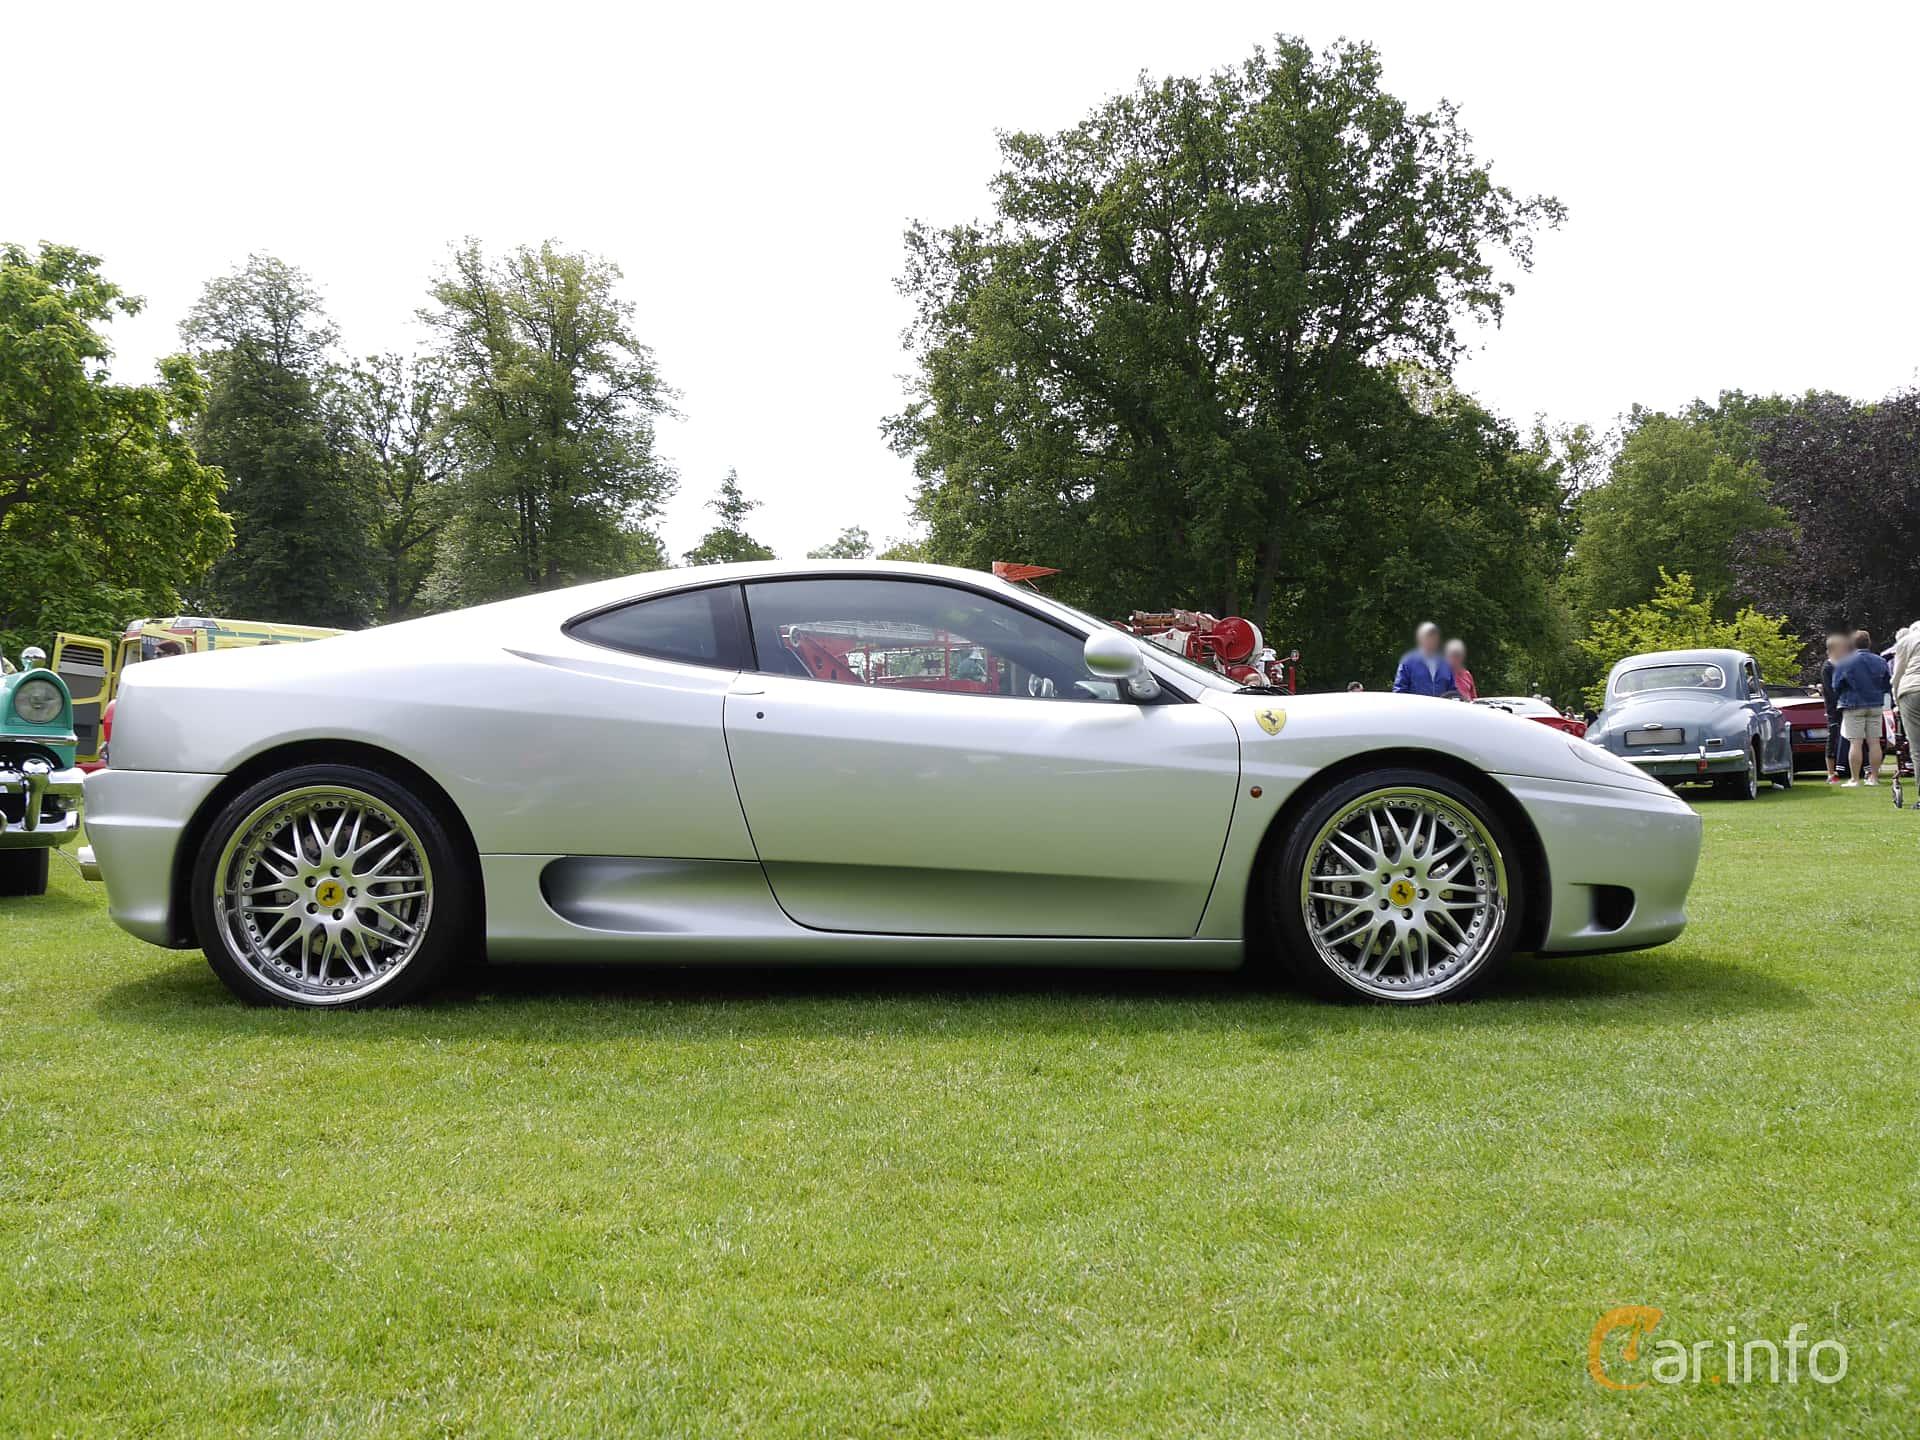 Ferrari 360 Modena 3.6 V8 Sequential, 400hp, 2001 at Sofiero Classic 2014